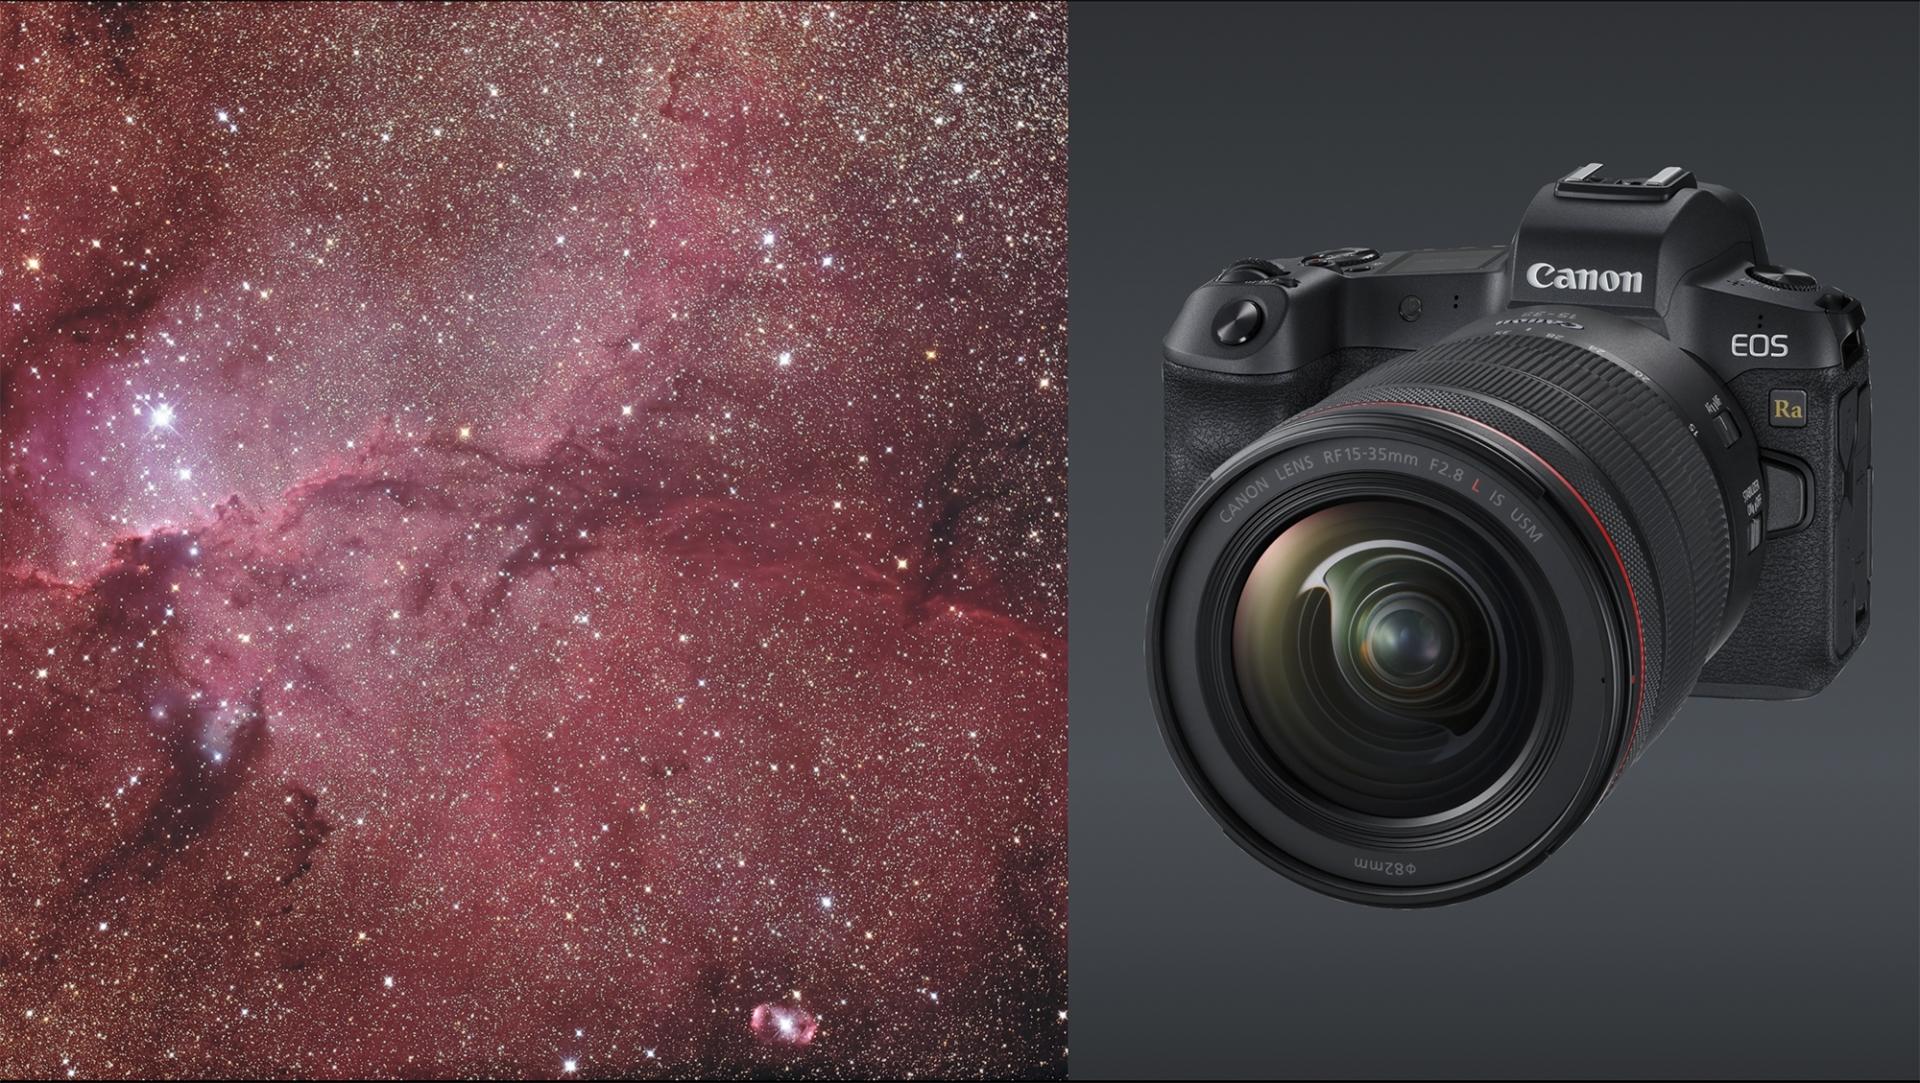 Sternenhimmel und EOS Ra